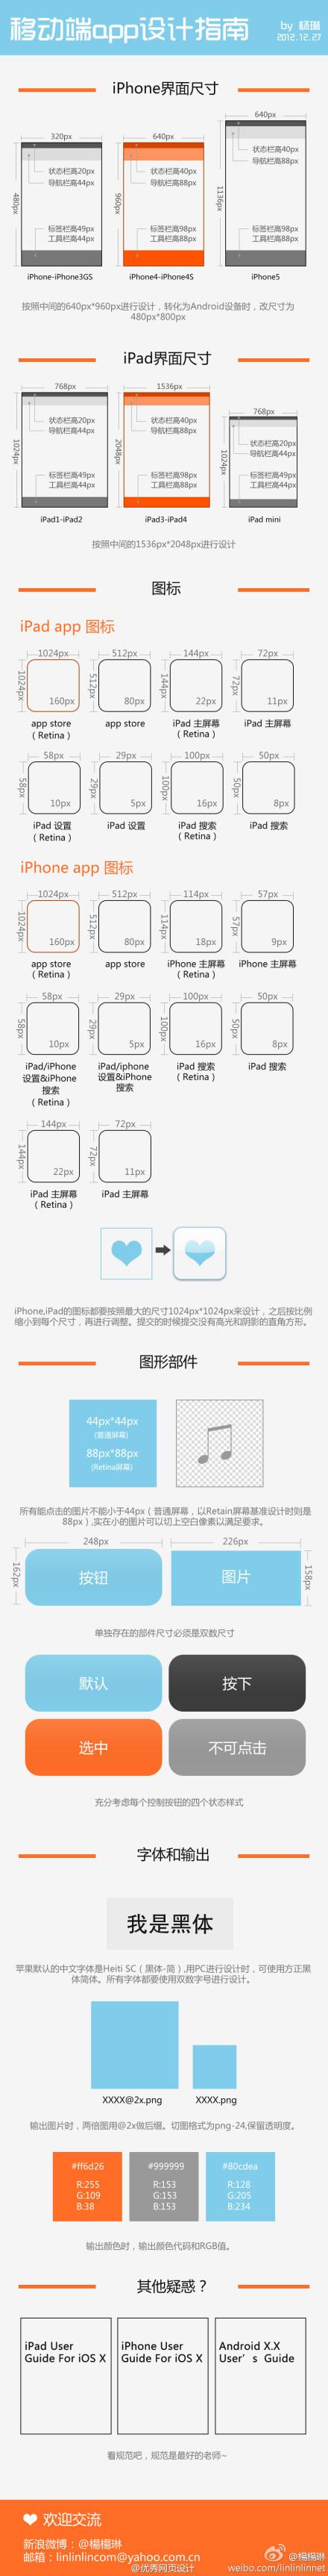 iphone/pad设计尺寸 Ios design, App design, Visual design